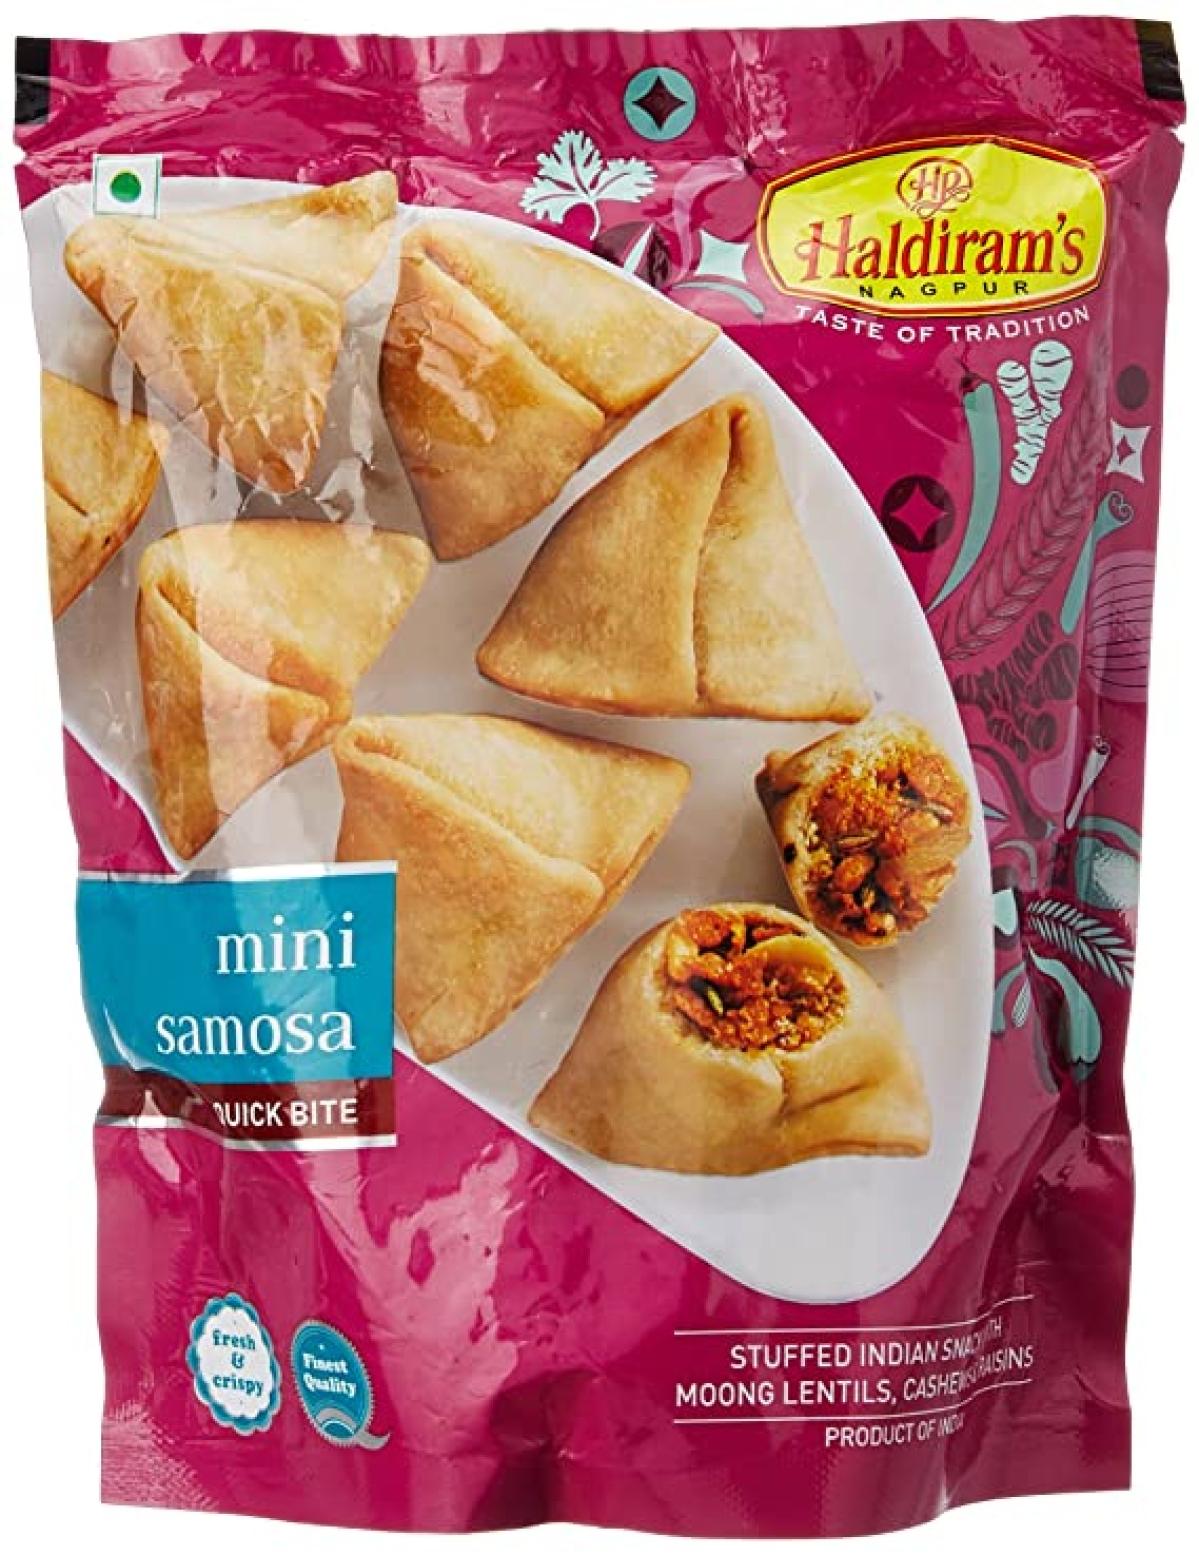 Haldiram's samosas